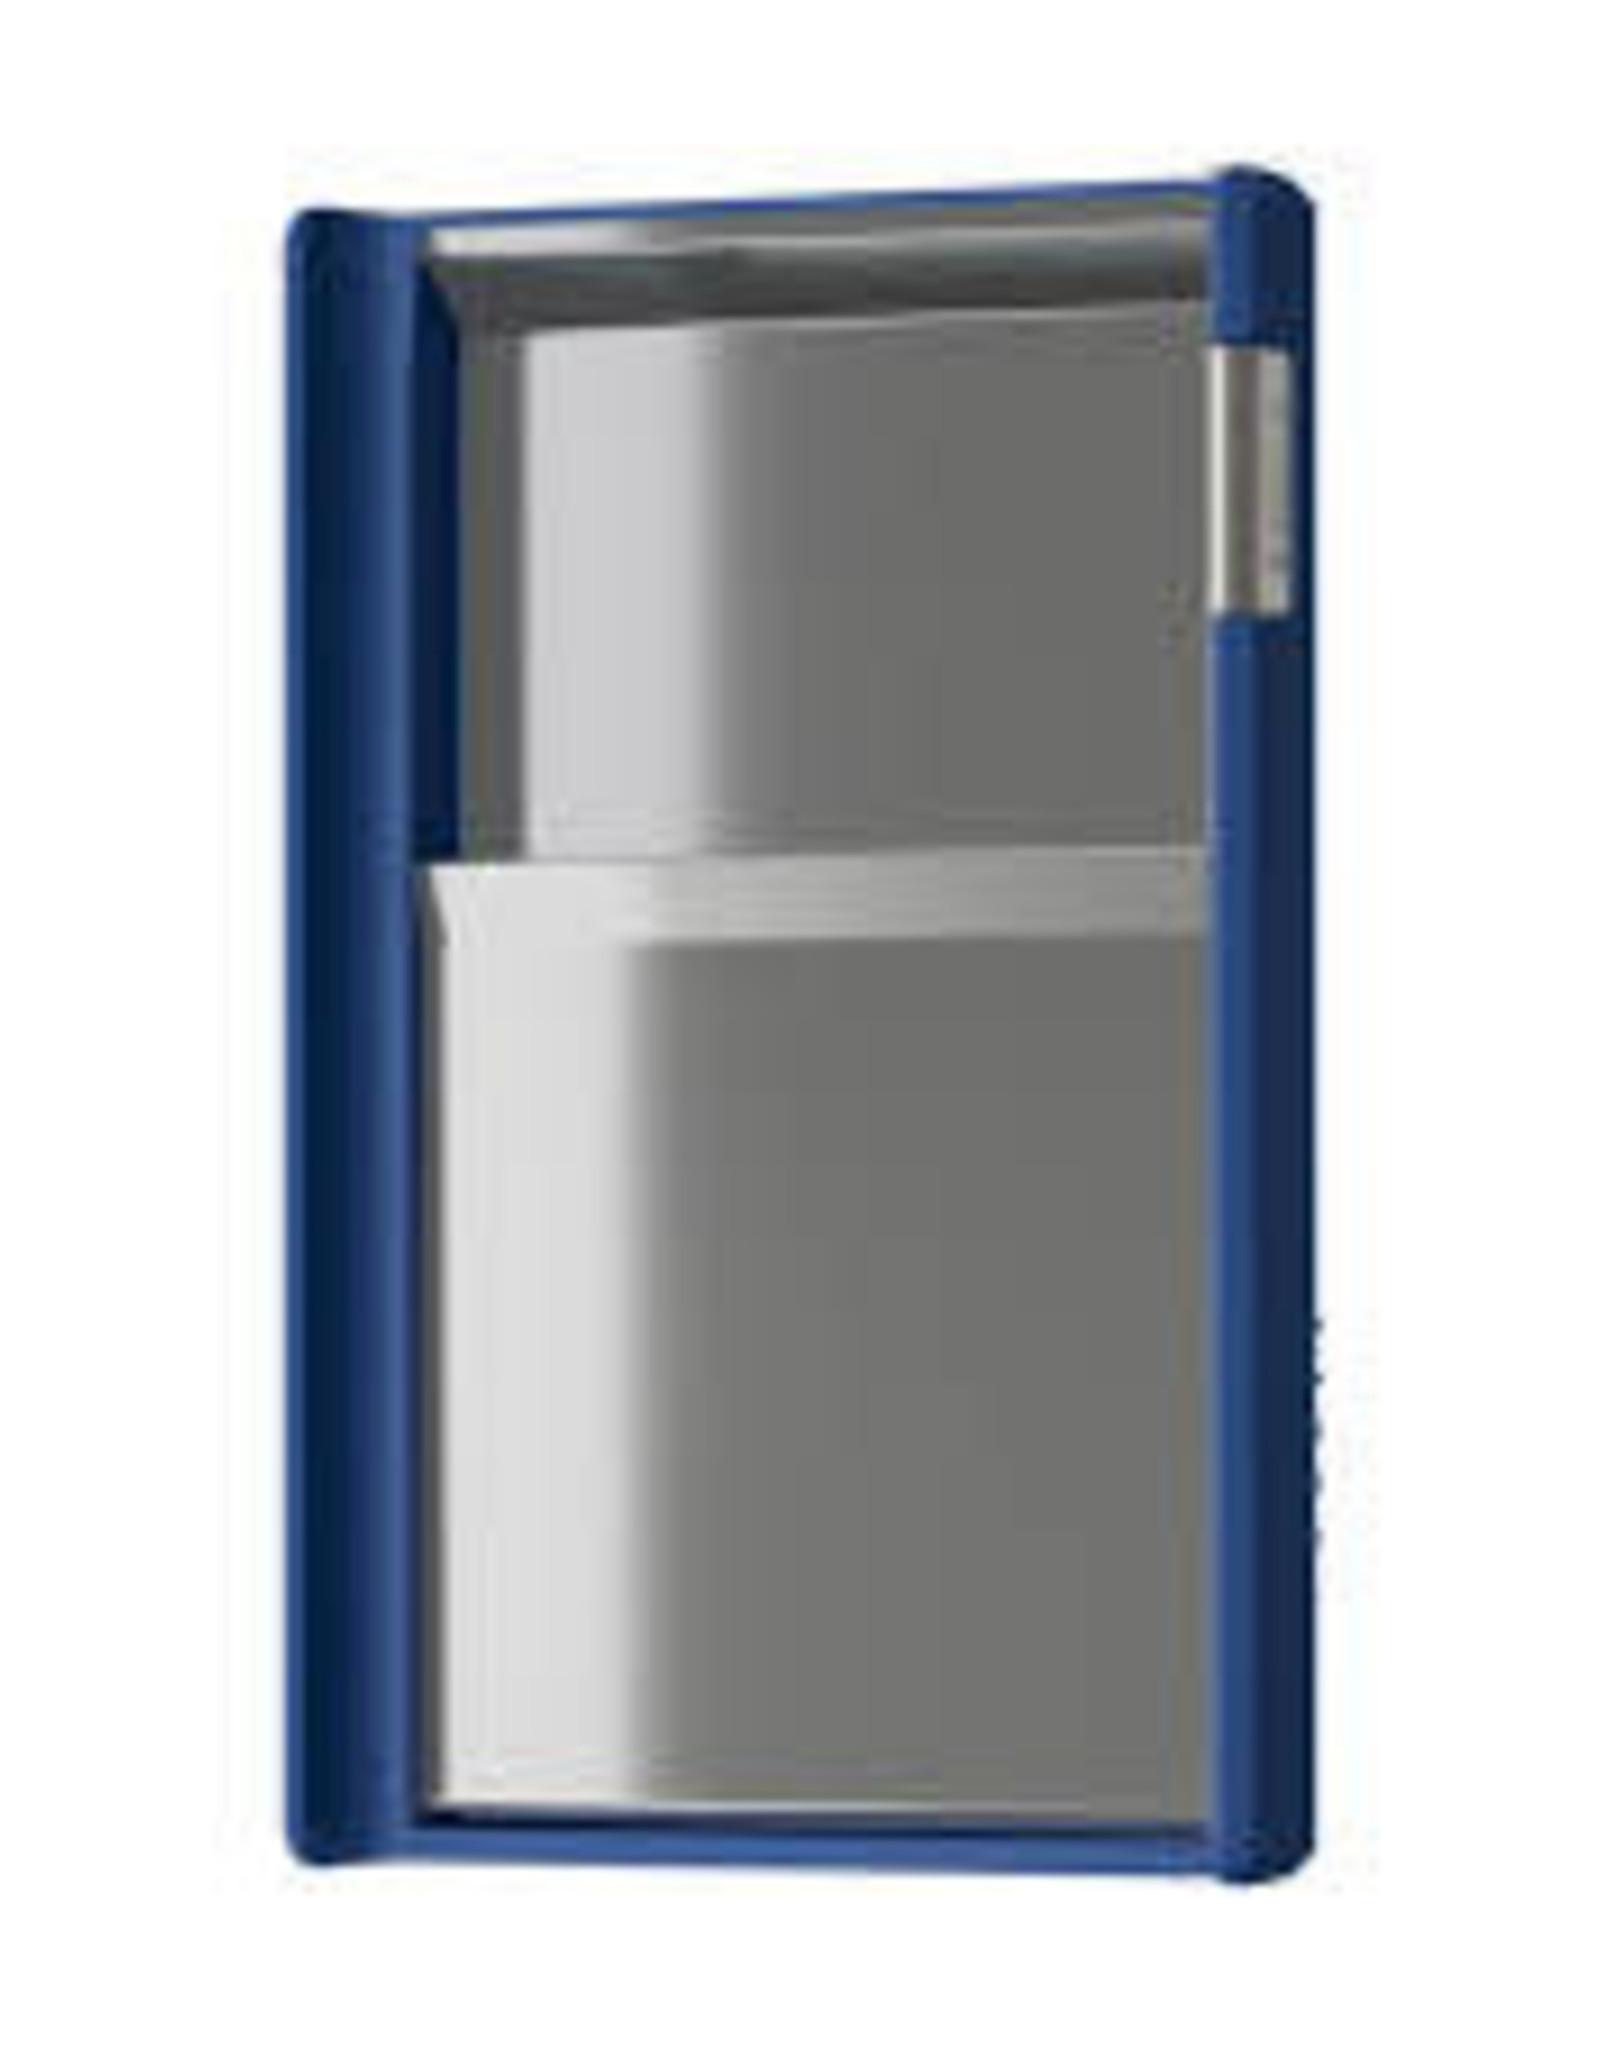 Secrid Additional slide Blue